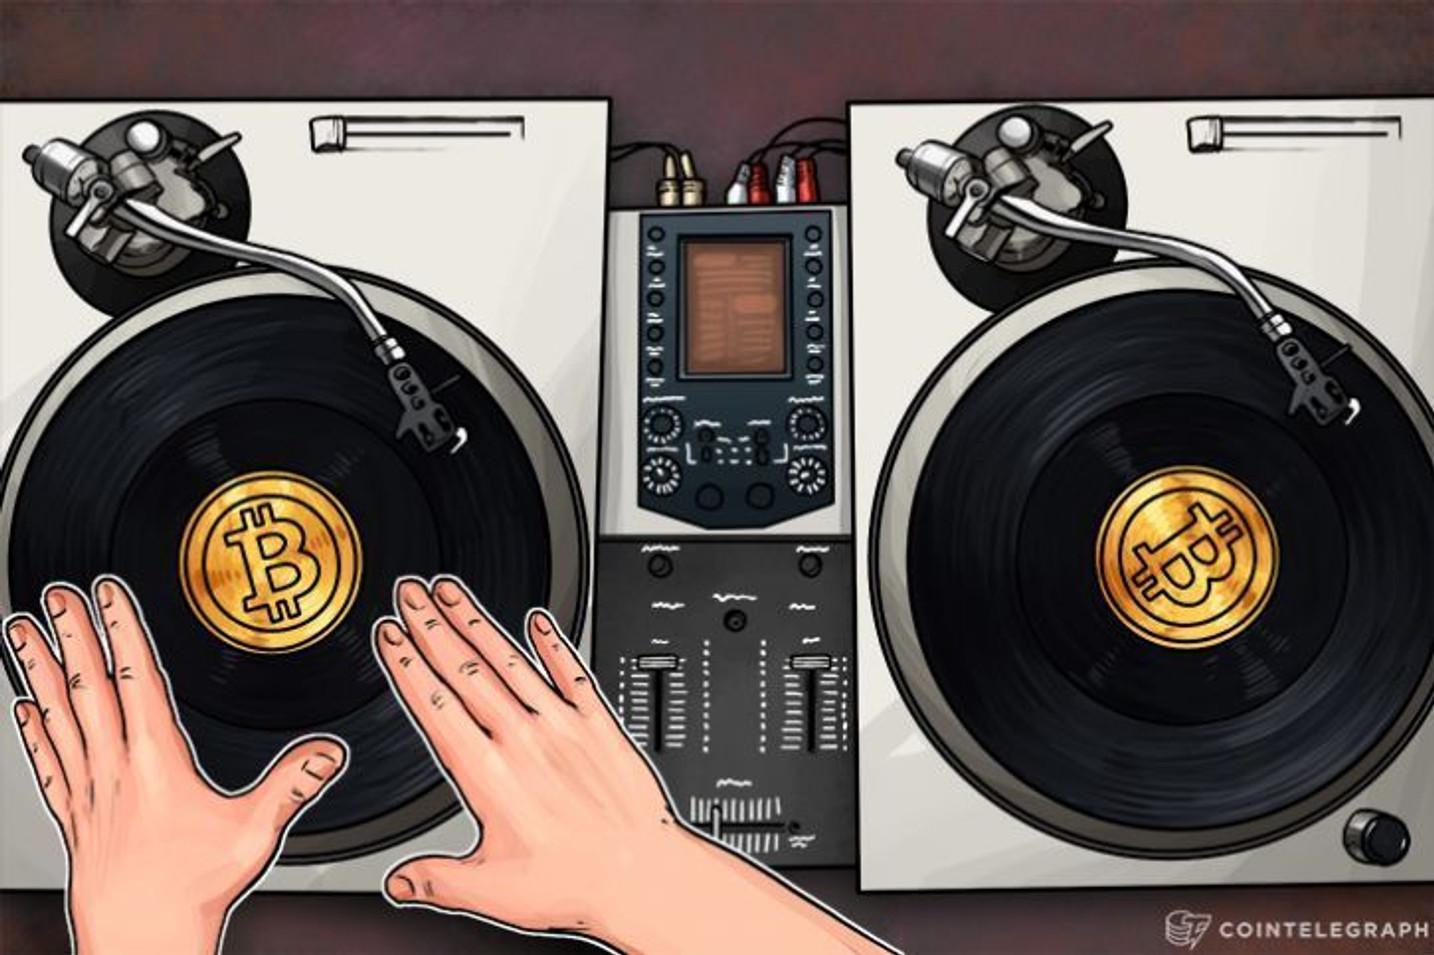 Coinbase Hard Fork Plan Credits 2x Coins, Shuns Bitcoin Gold